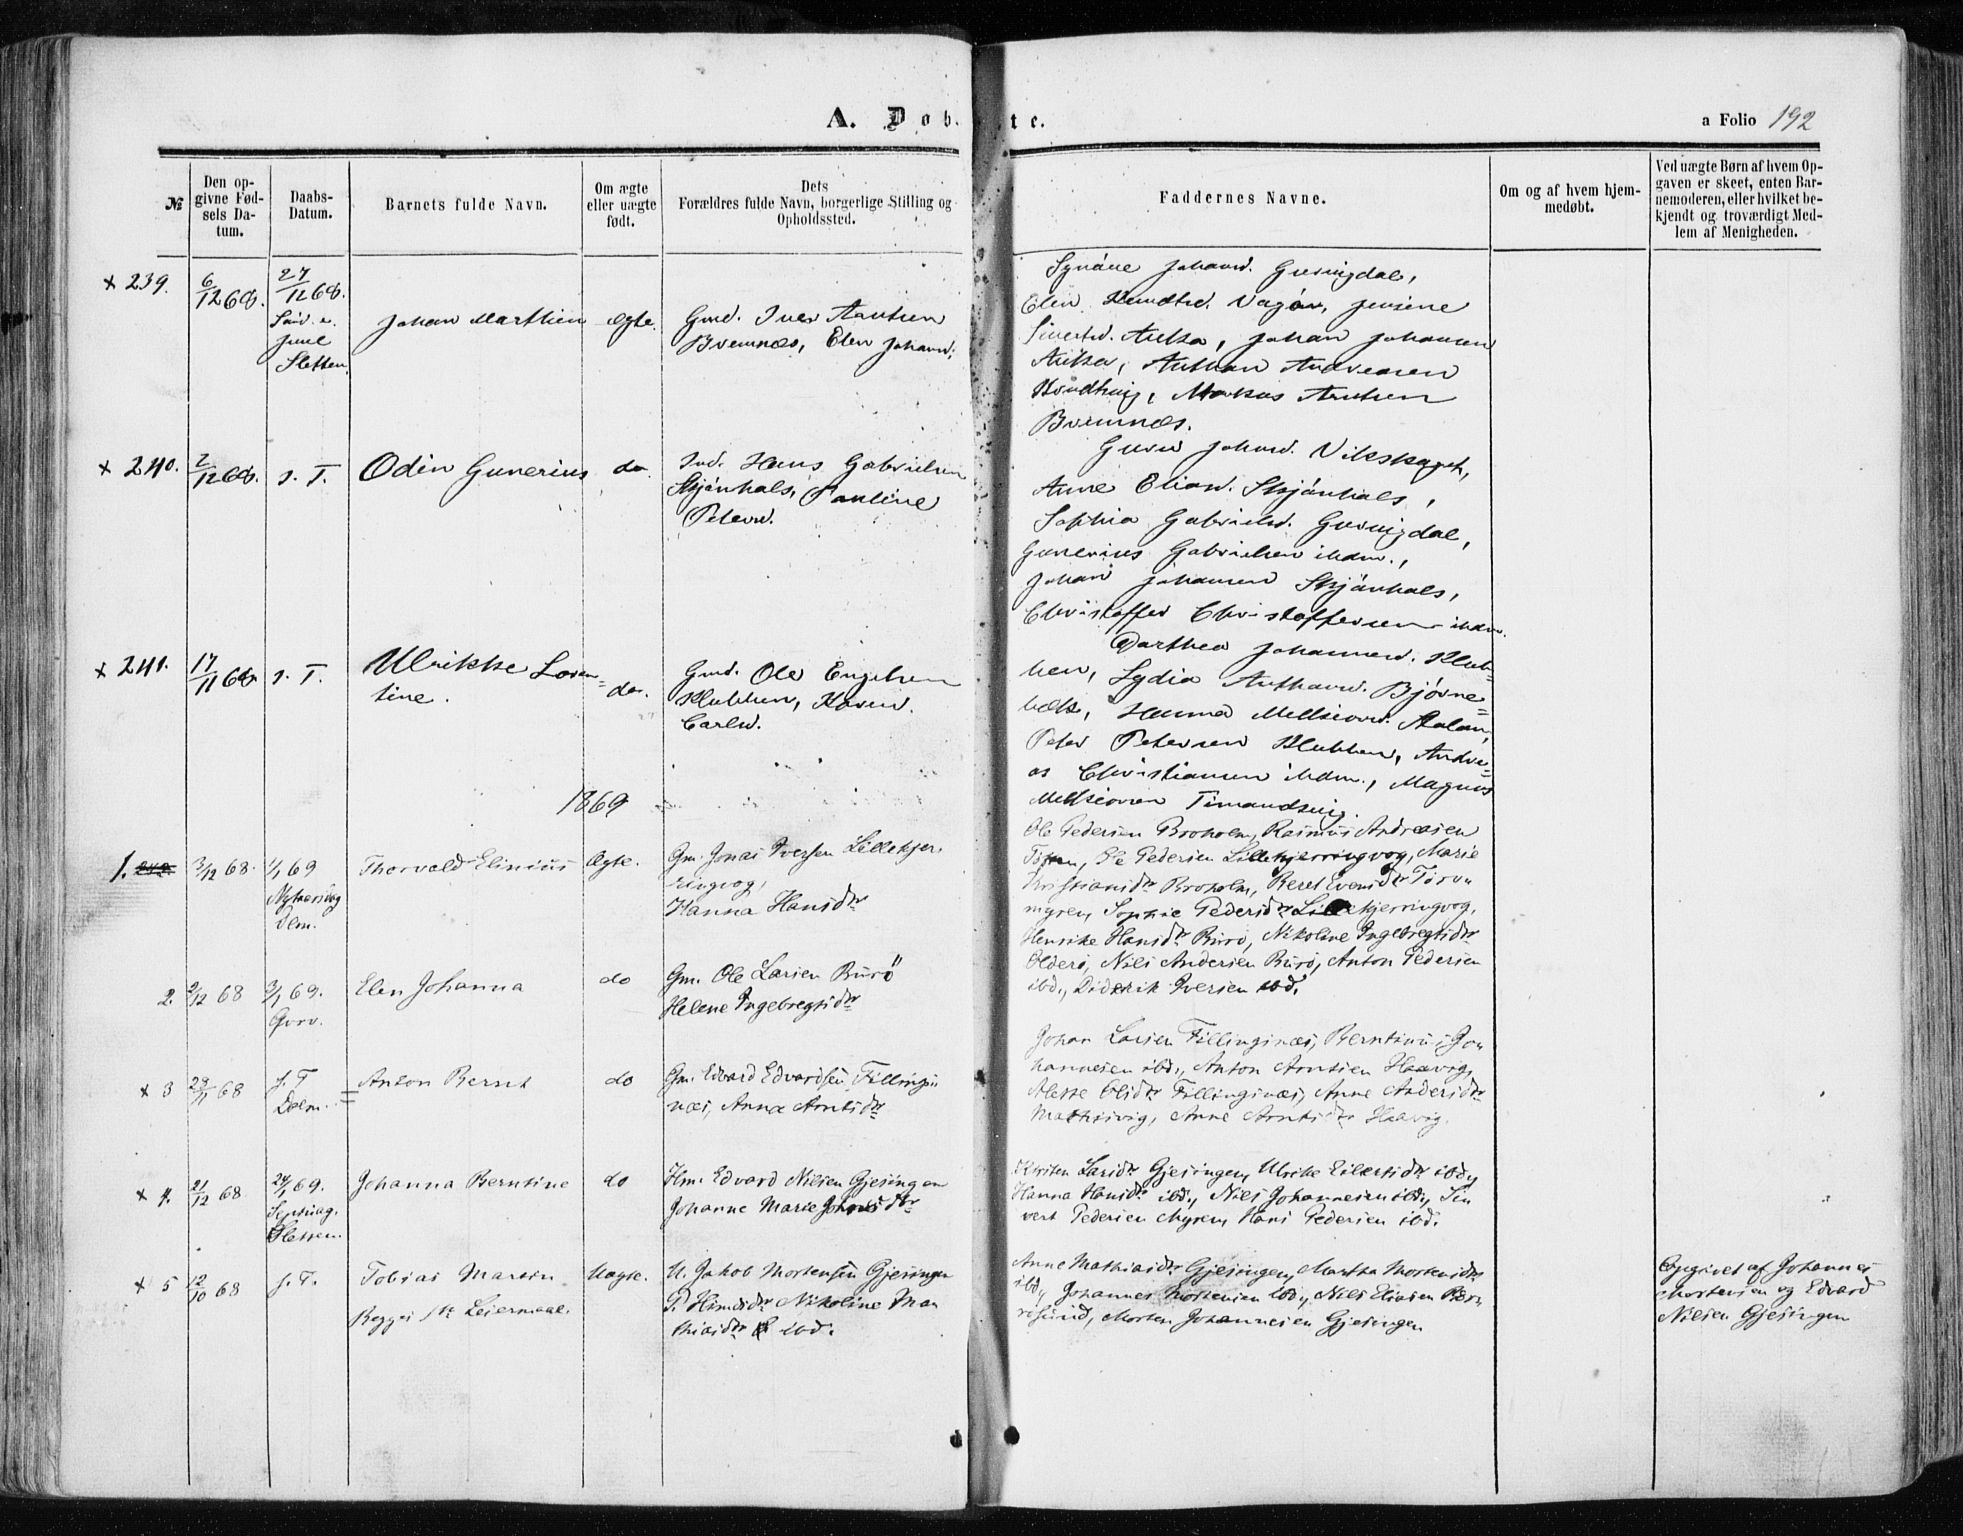 SAT, Ministerialprotokoller, klokkerbøker og fødselsregistre - Sør-Trøndelag, 634/L0531: Ministerialbok nr. 634A07, 1861-1870, s. 192